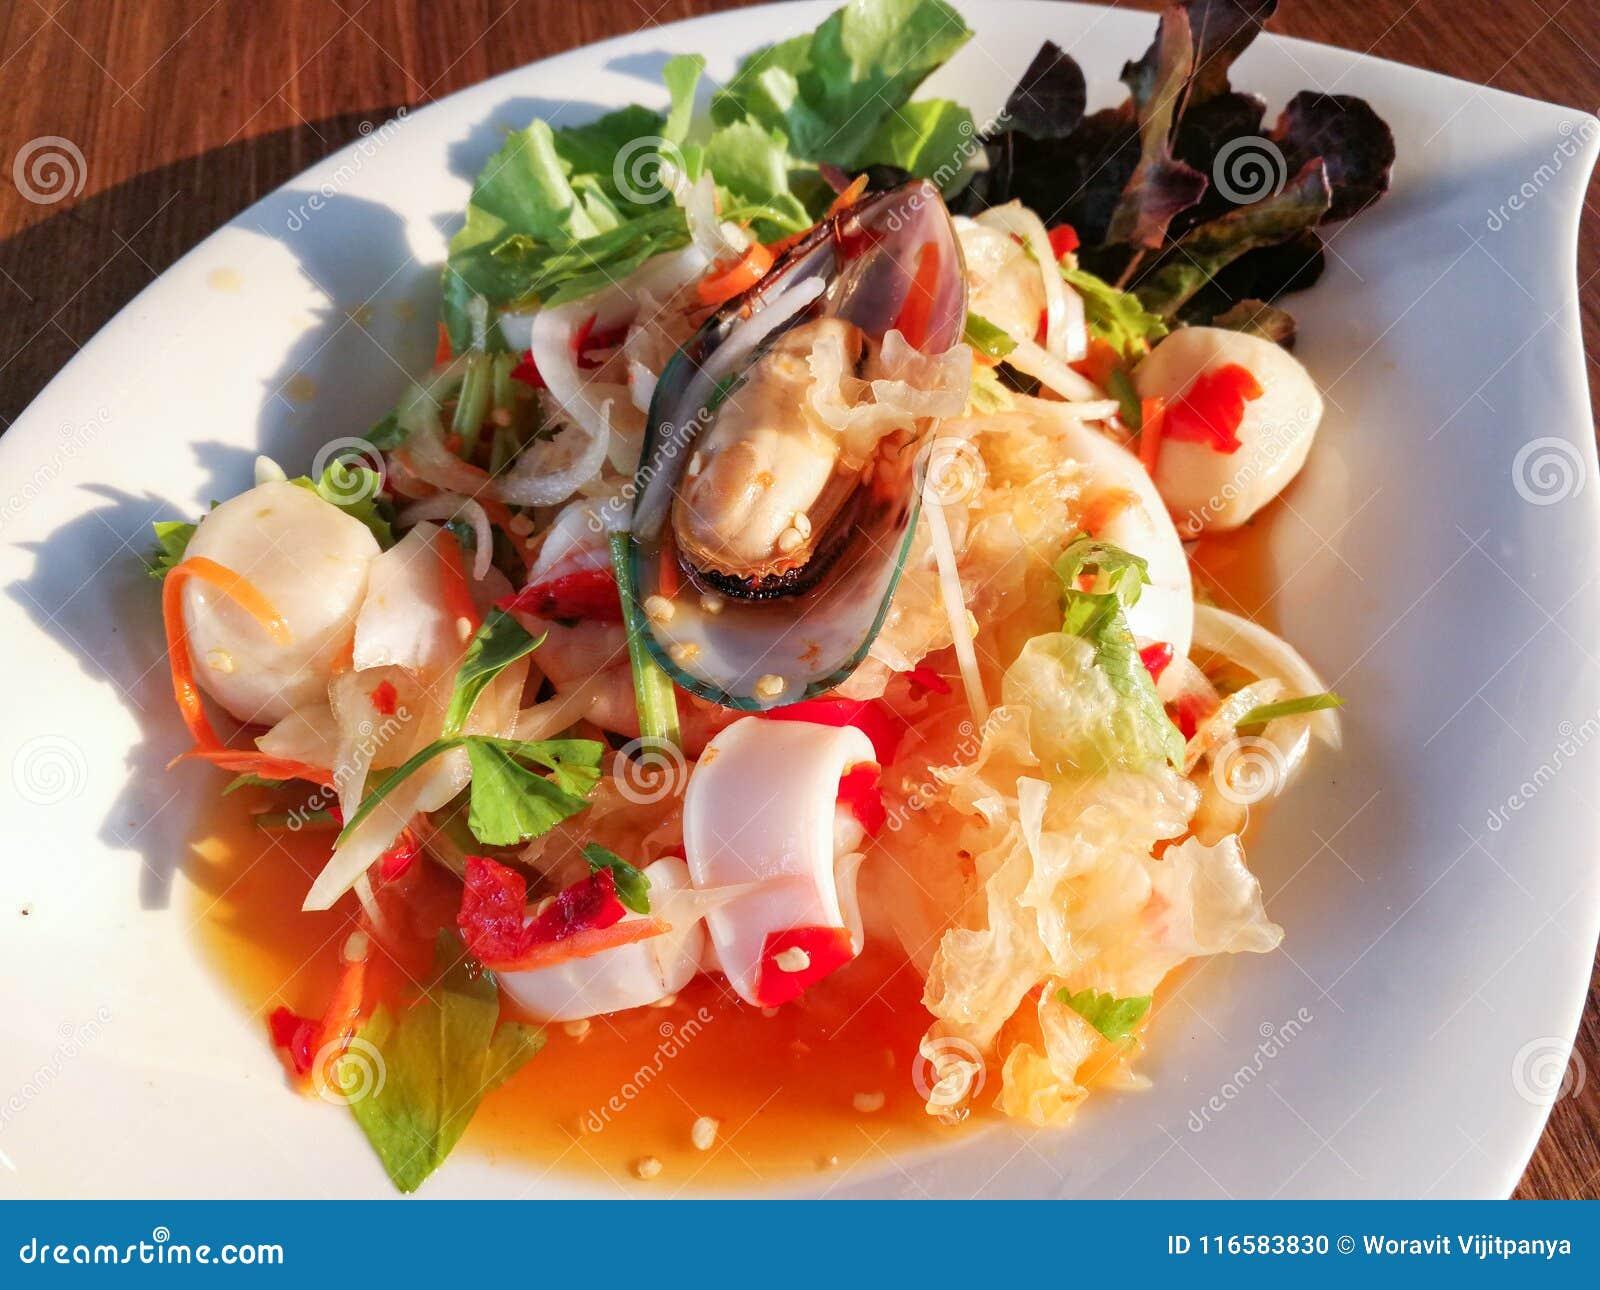 Salad Mussel Sea food